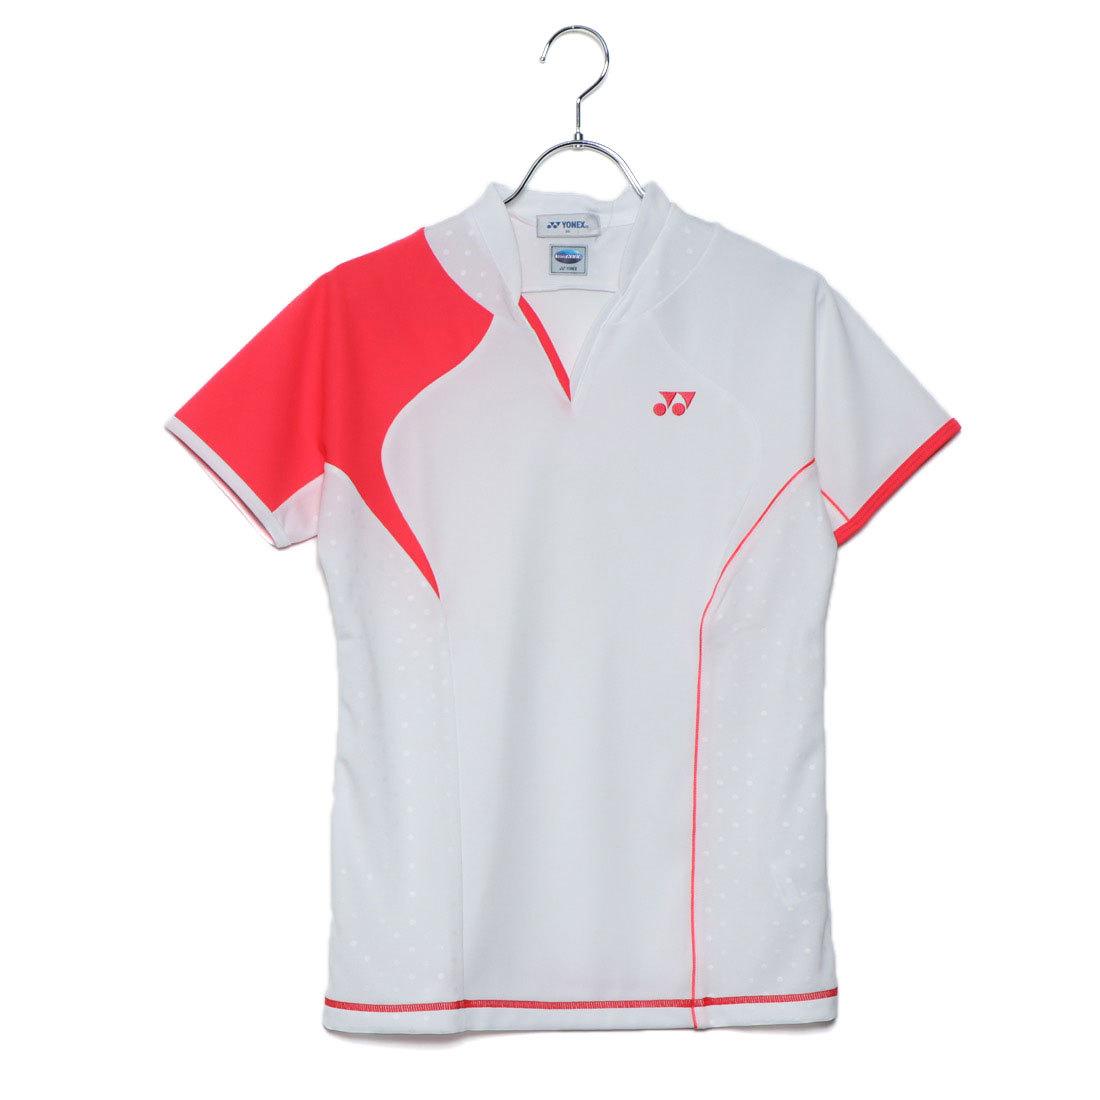 ヨネックス YONEX レディース バドミントン 半袖Tシャツ ゲーム